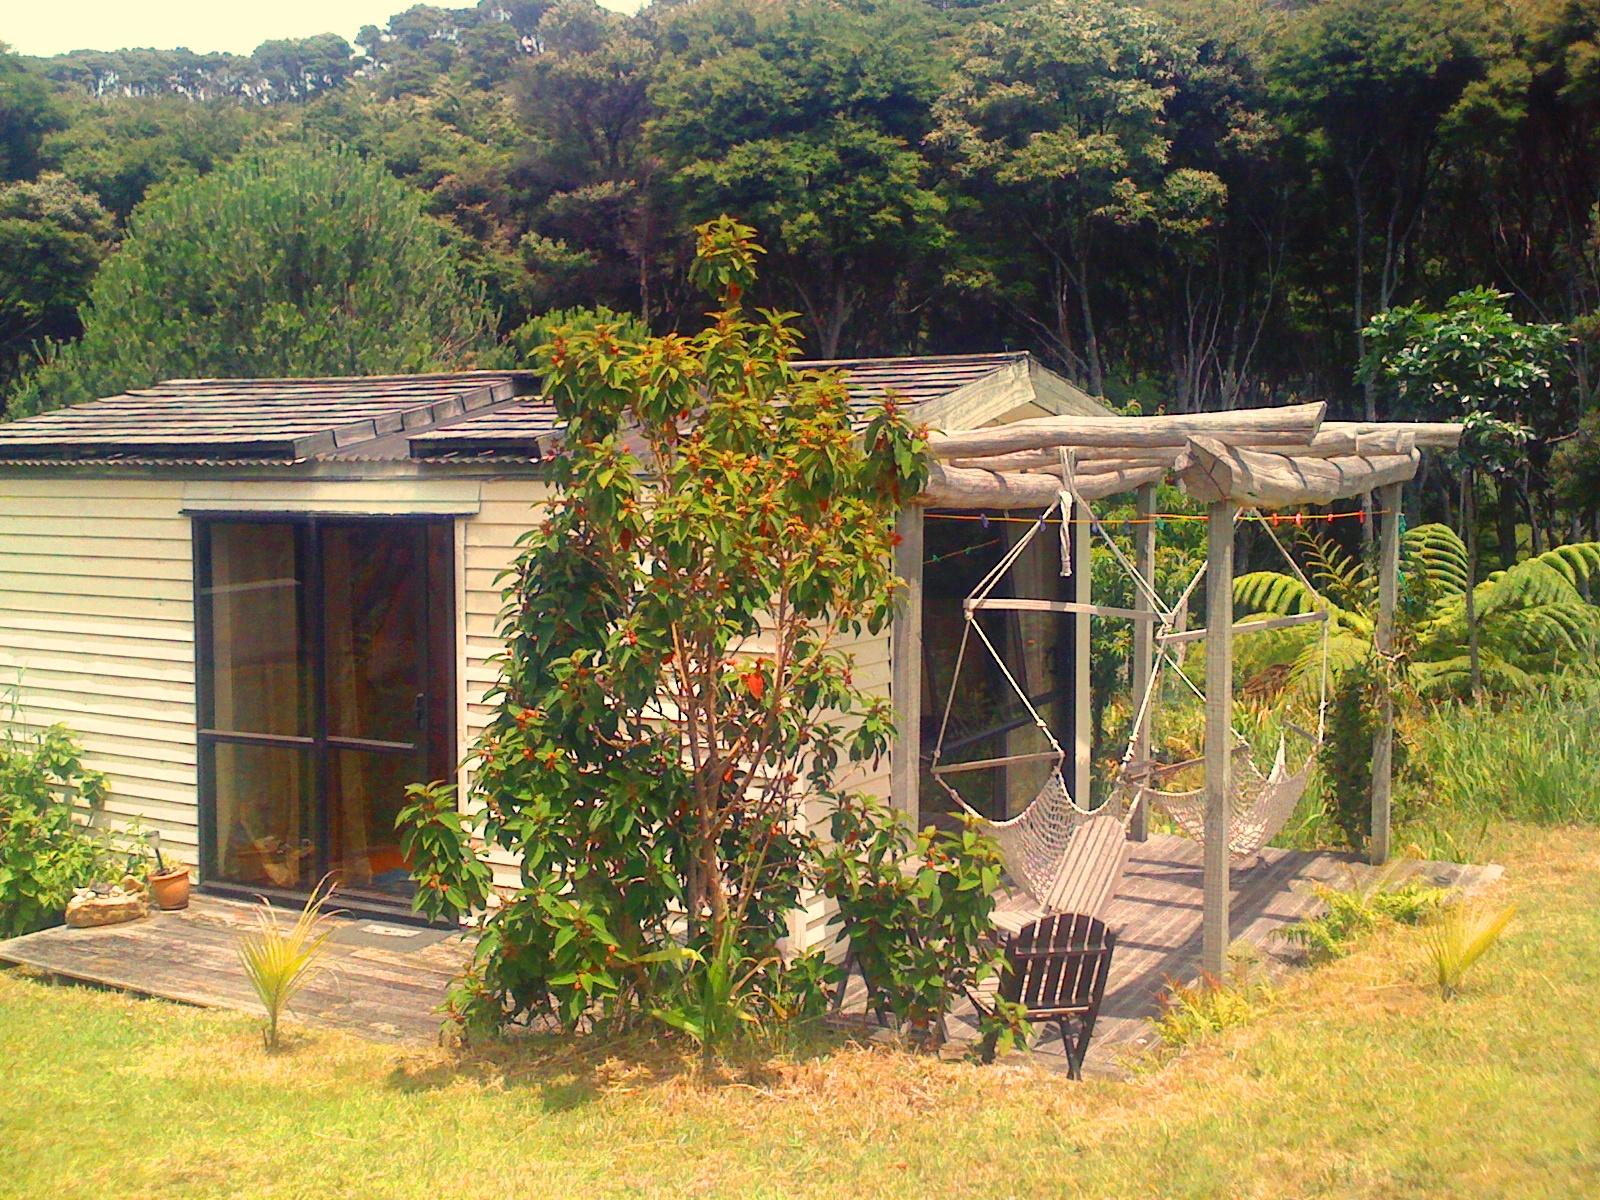 Dome Cabin